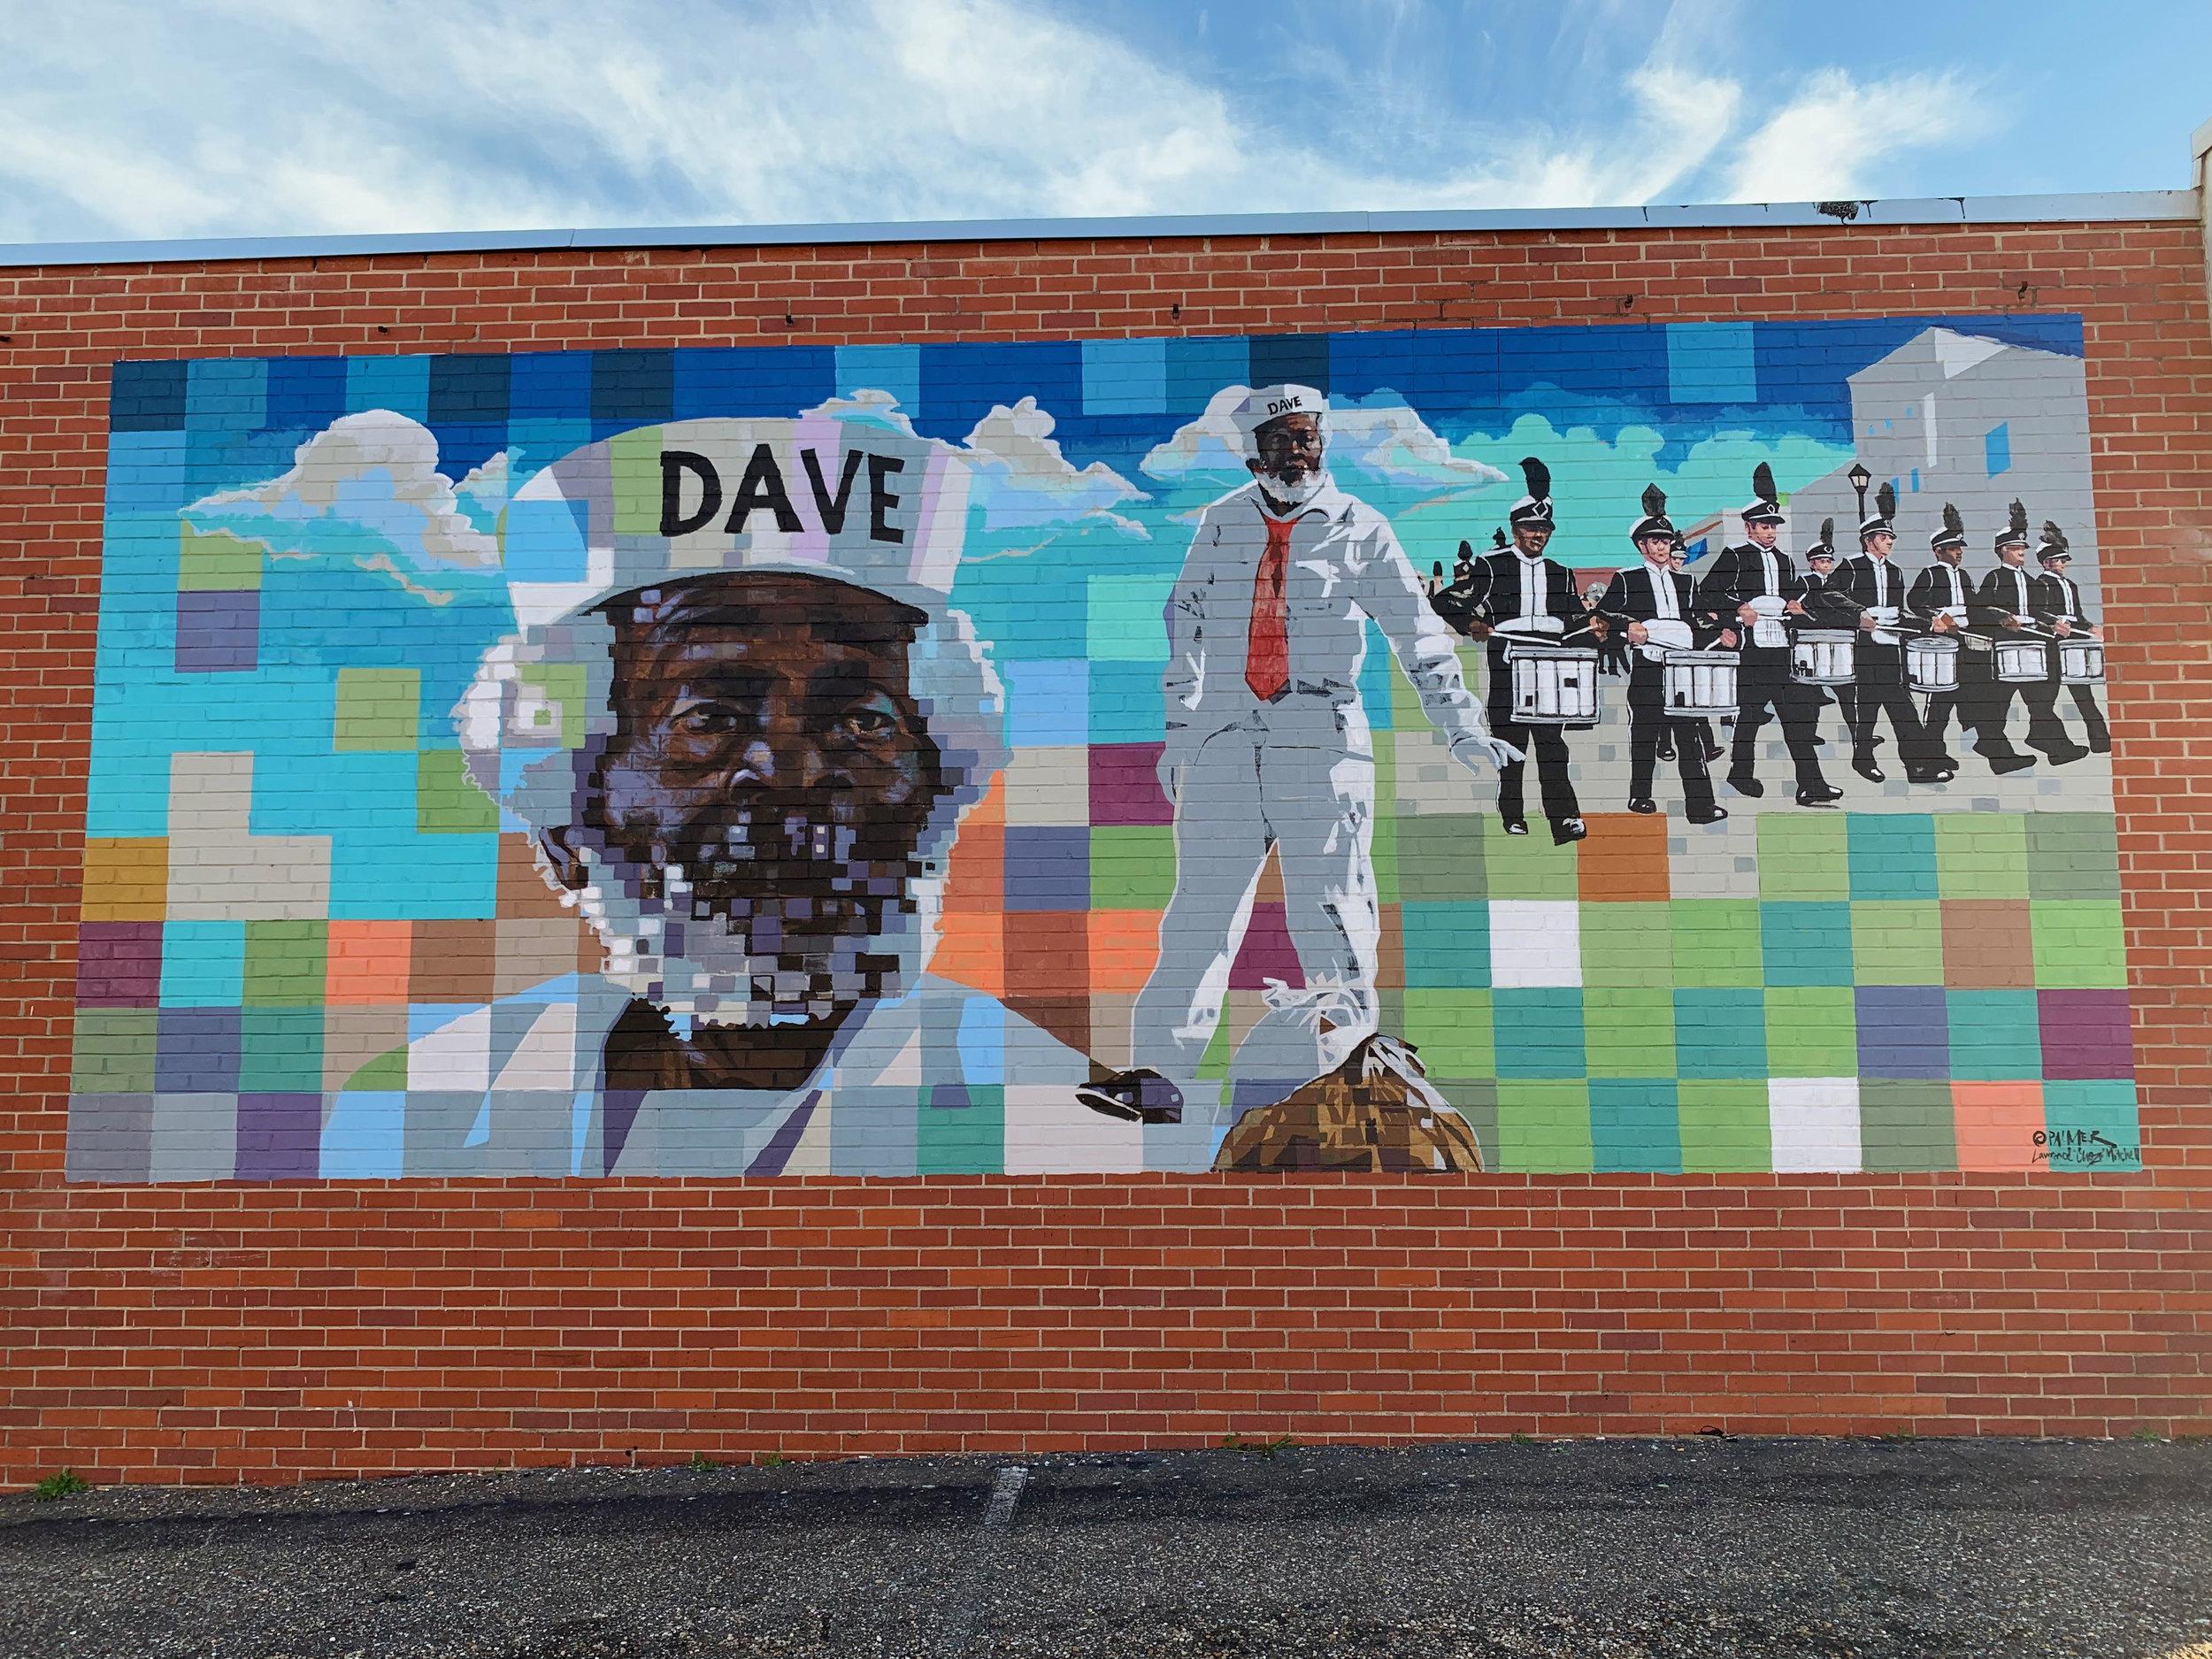 dancing dave mural .jpg